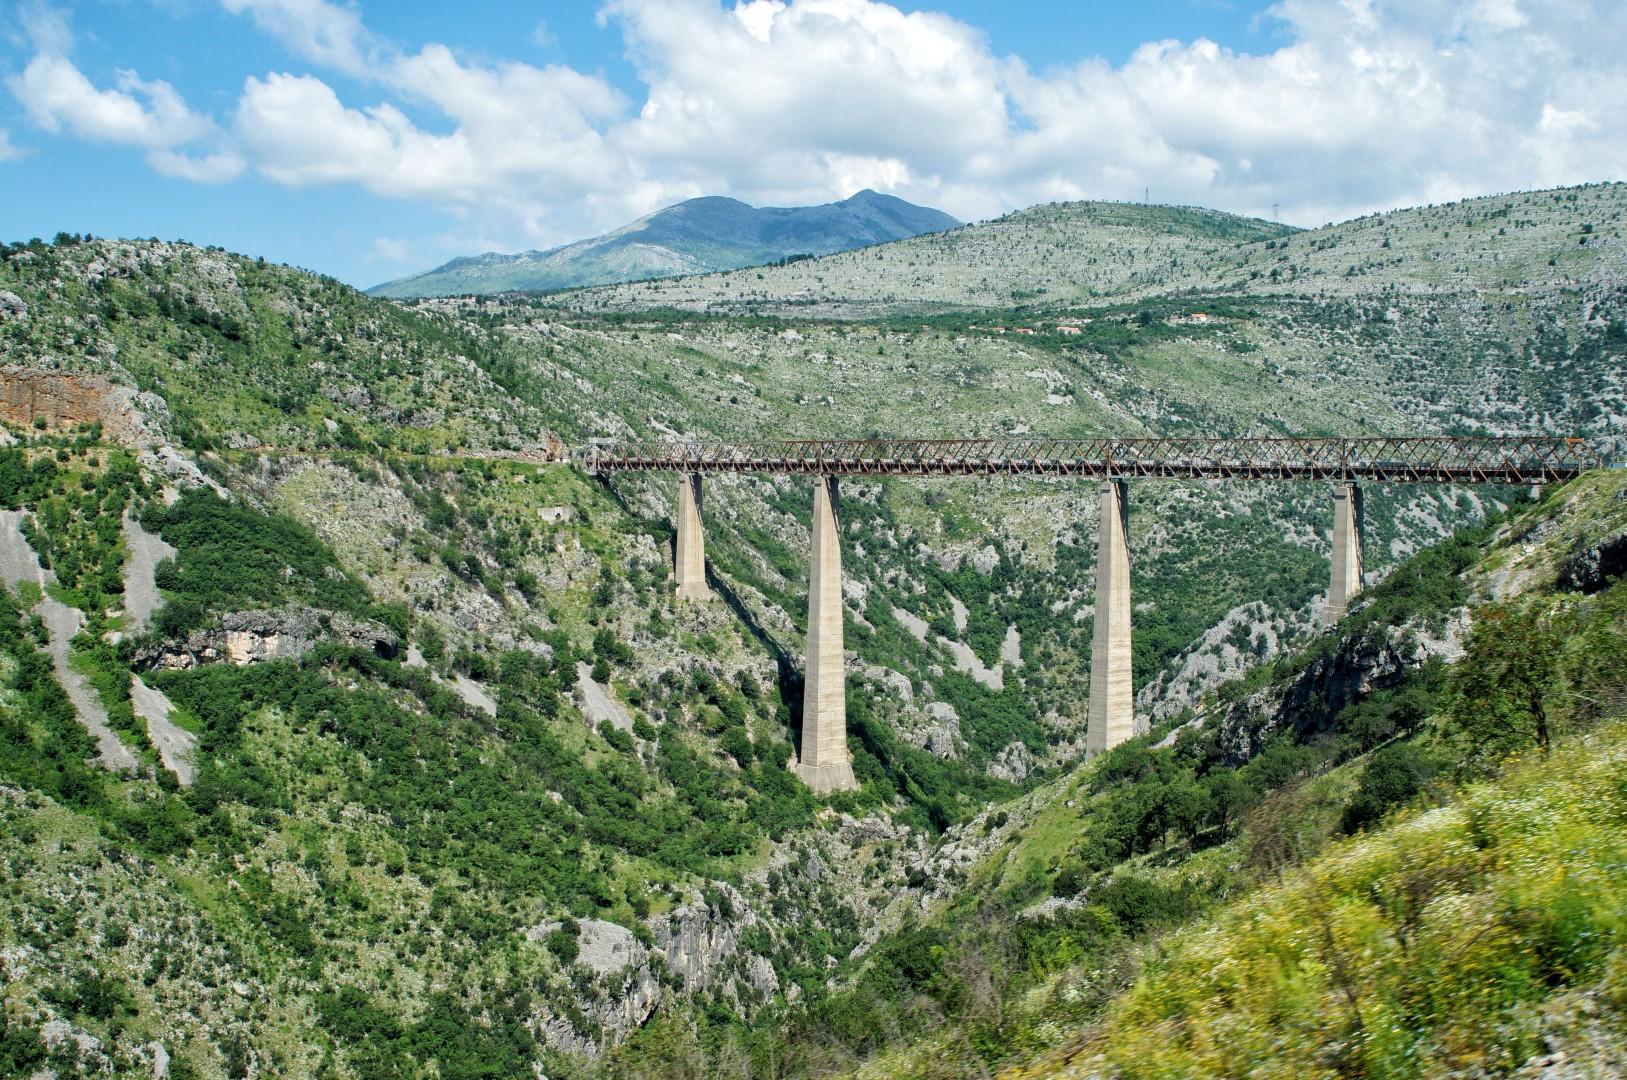 Najwyższy wiadukt kolejowy na świecie